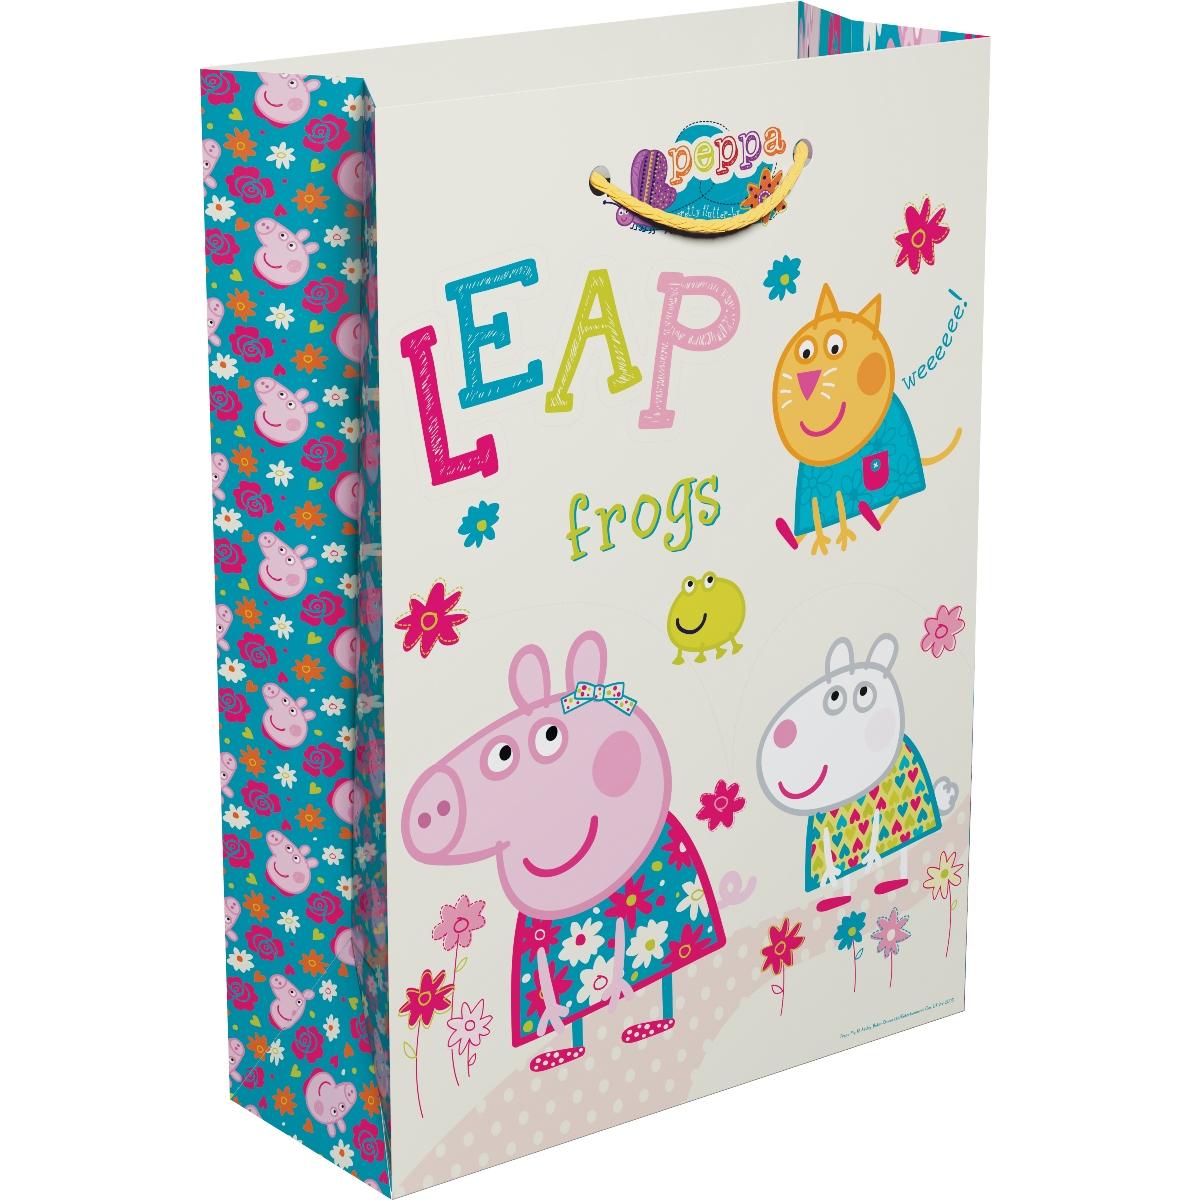 Пакет подарочный - Весна Пеппы, 35 х 25 х 9 смСвинка Пеппа Peppa Pig<br>Пакет подарочный - Весна Пеппы, 35 х 25 х 9 см<br>